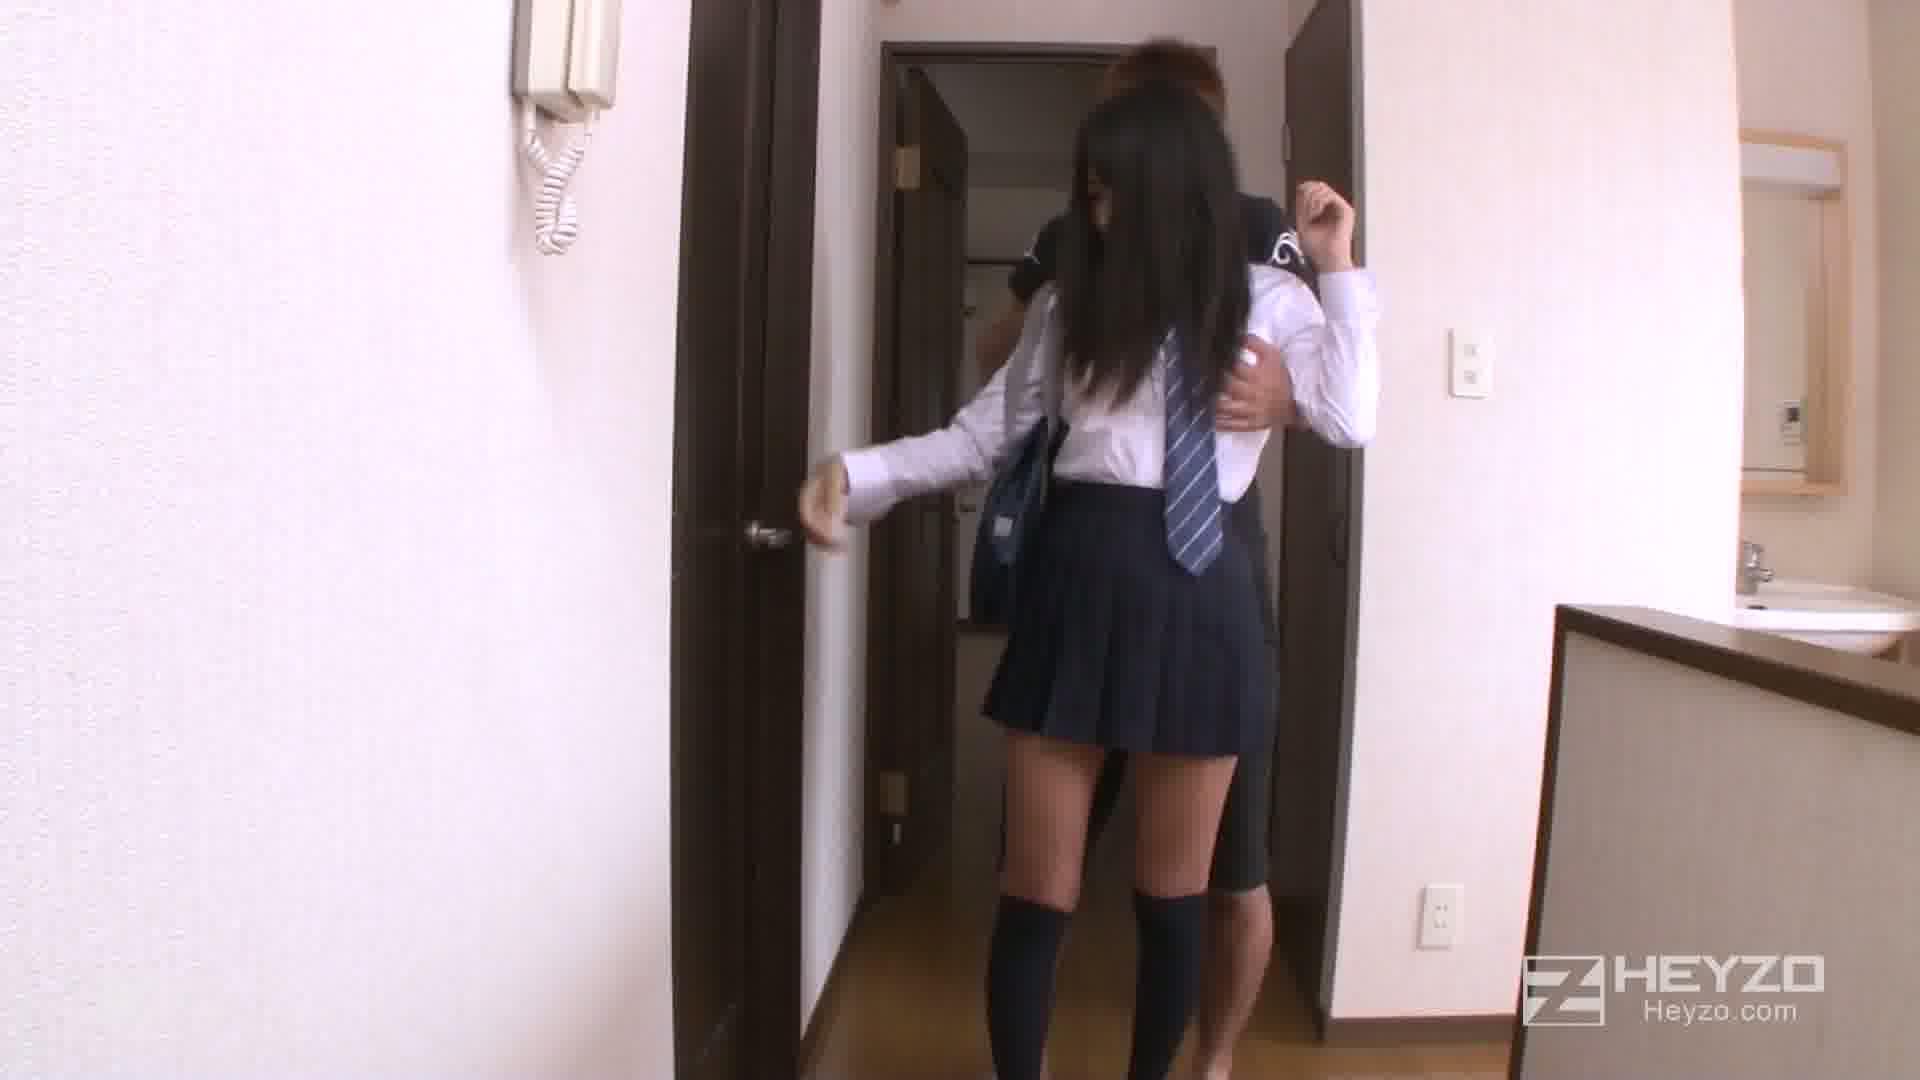 放課後美少女ファイル No.2~純真な黒髪乙女 牧瀬みさ~ - 牧瀬みさ【指マン ローター 潮吹き】